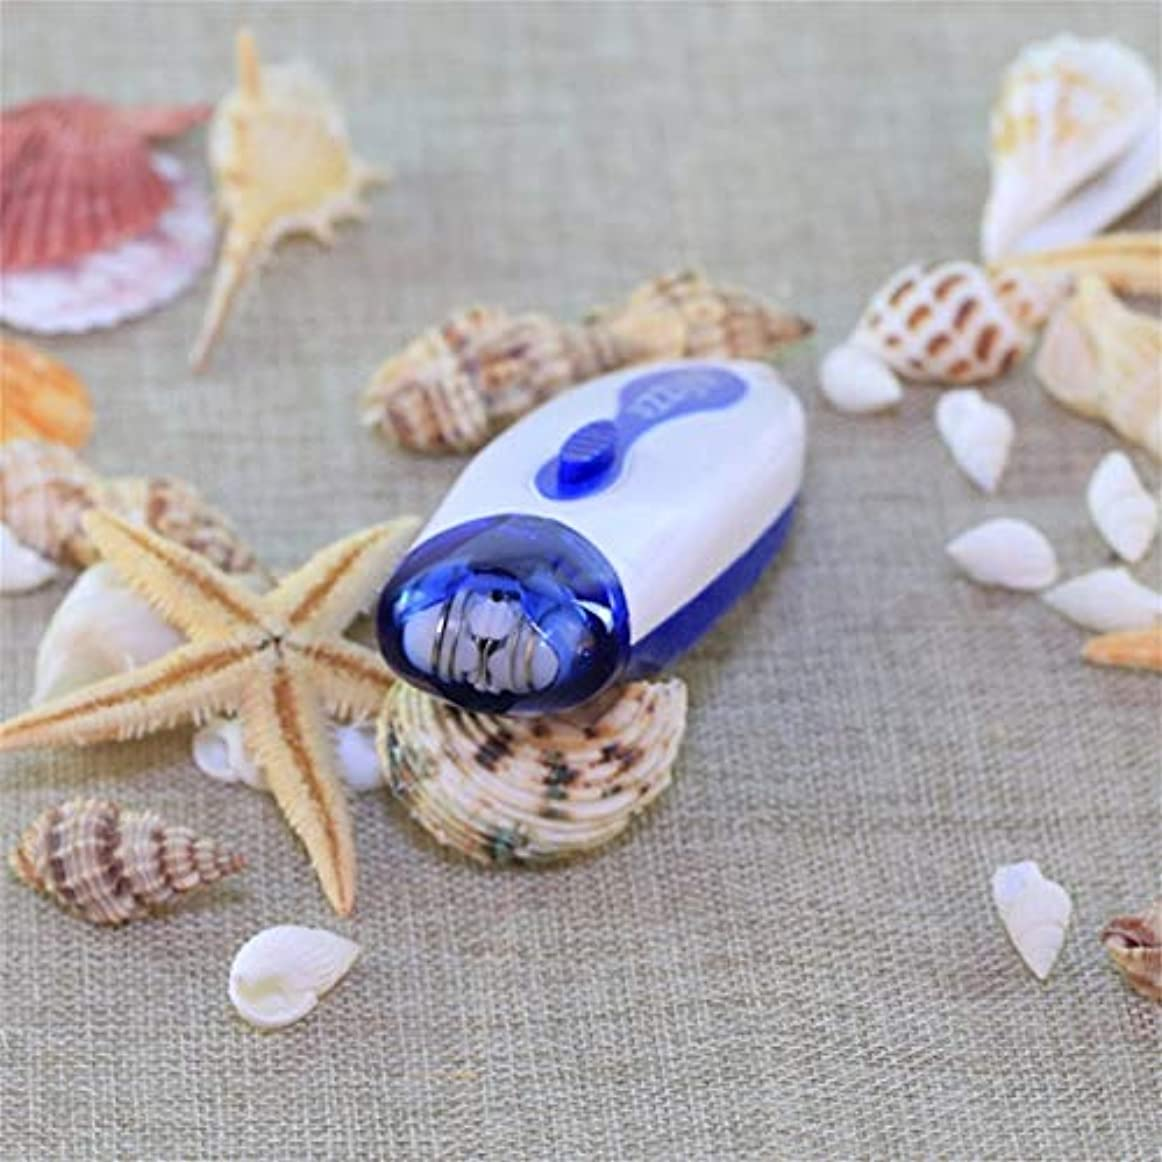 消毒するストライプ借りているWizzit Electric Epilator Hair Shaving Device Tweezers Hair Removal Epilator Remover Depilating Machine Tool